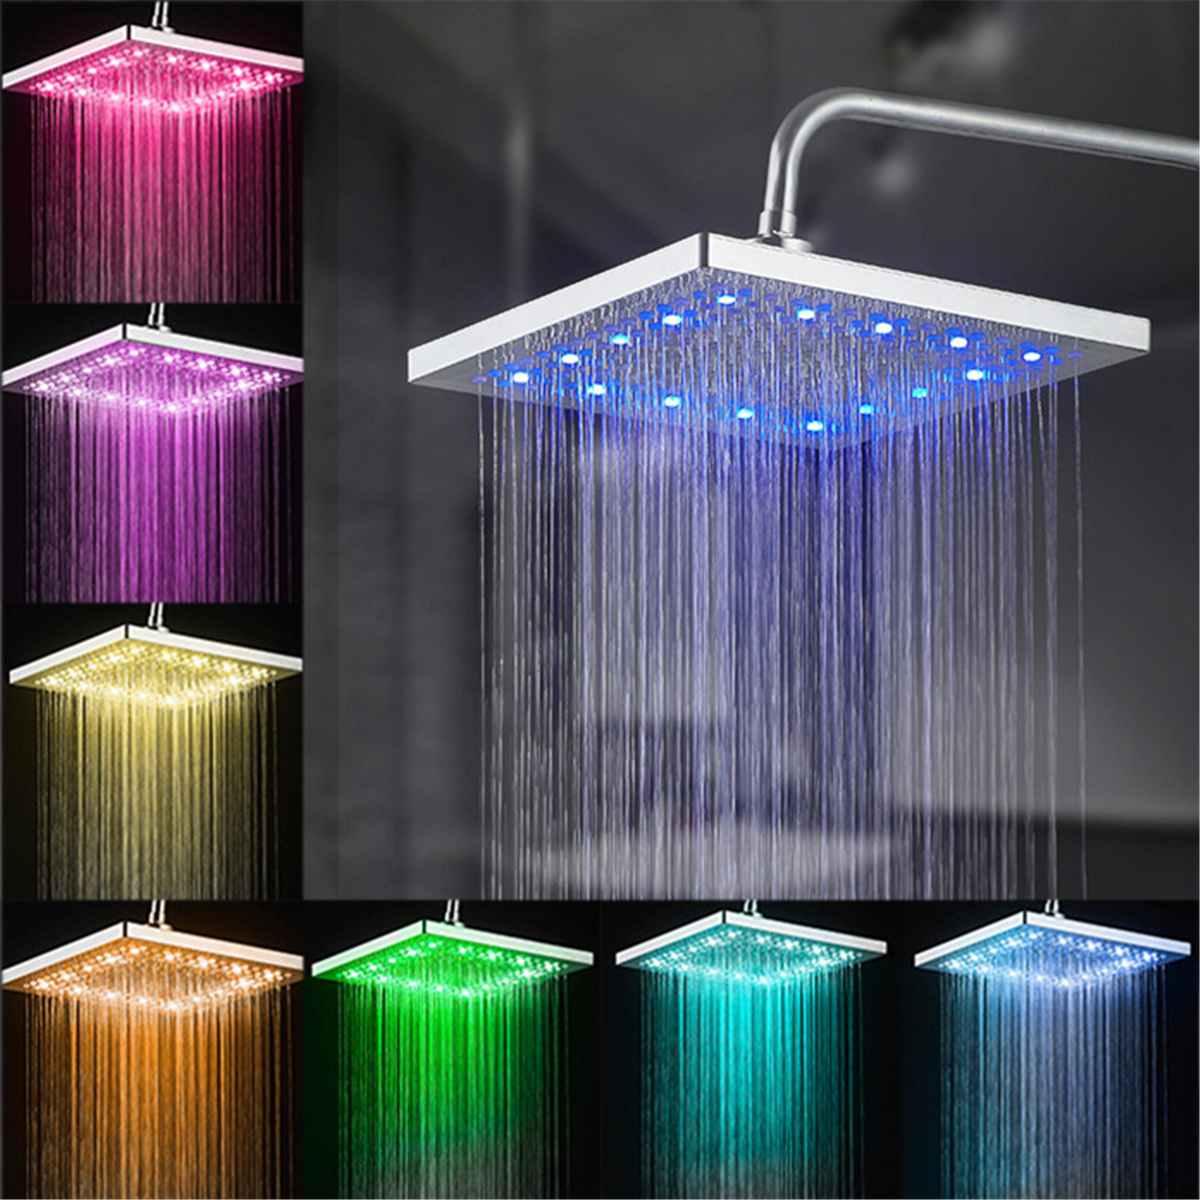 8 بوصة مربع LED الأمطار دش رئيس تلقائيا RGB 7 اللون تغيير درجة الحرارة الاستشعار دش رئيس صنبور رئيس للحمام